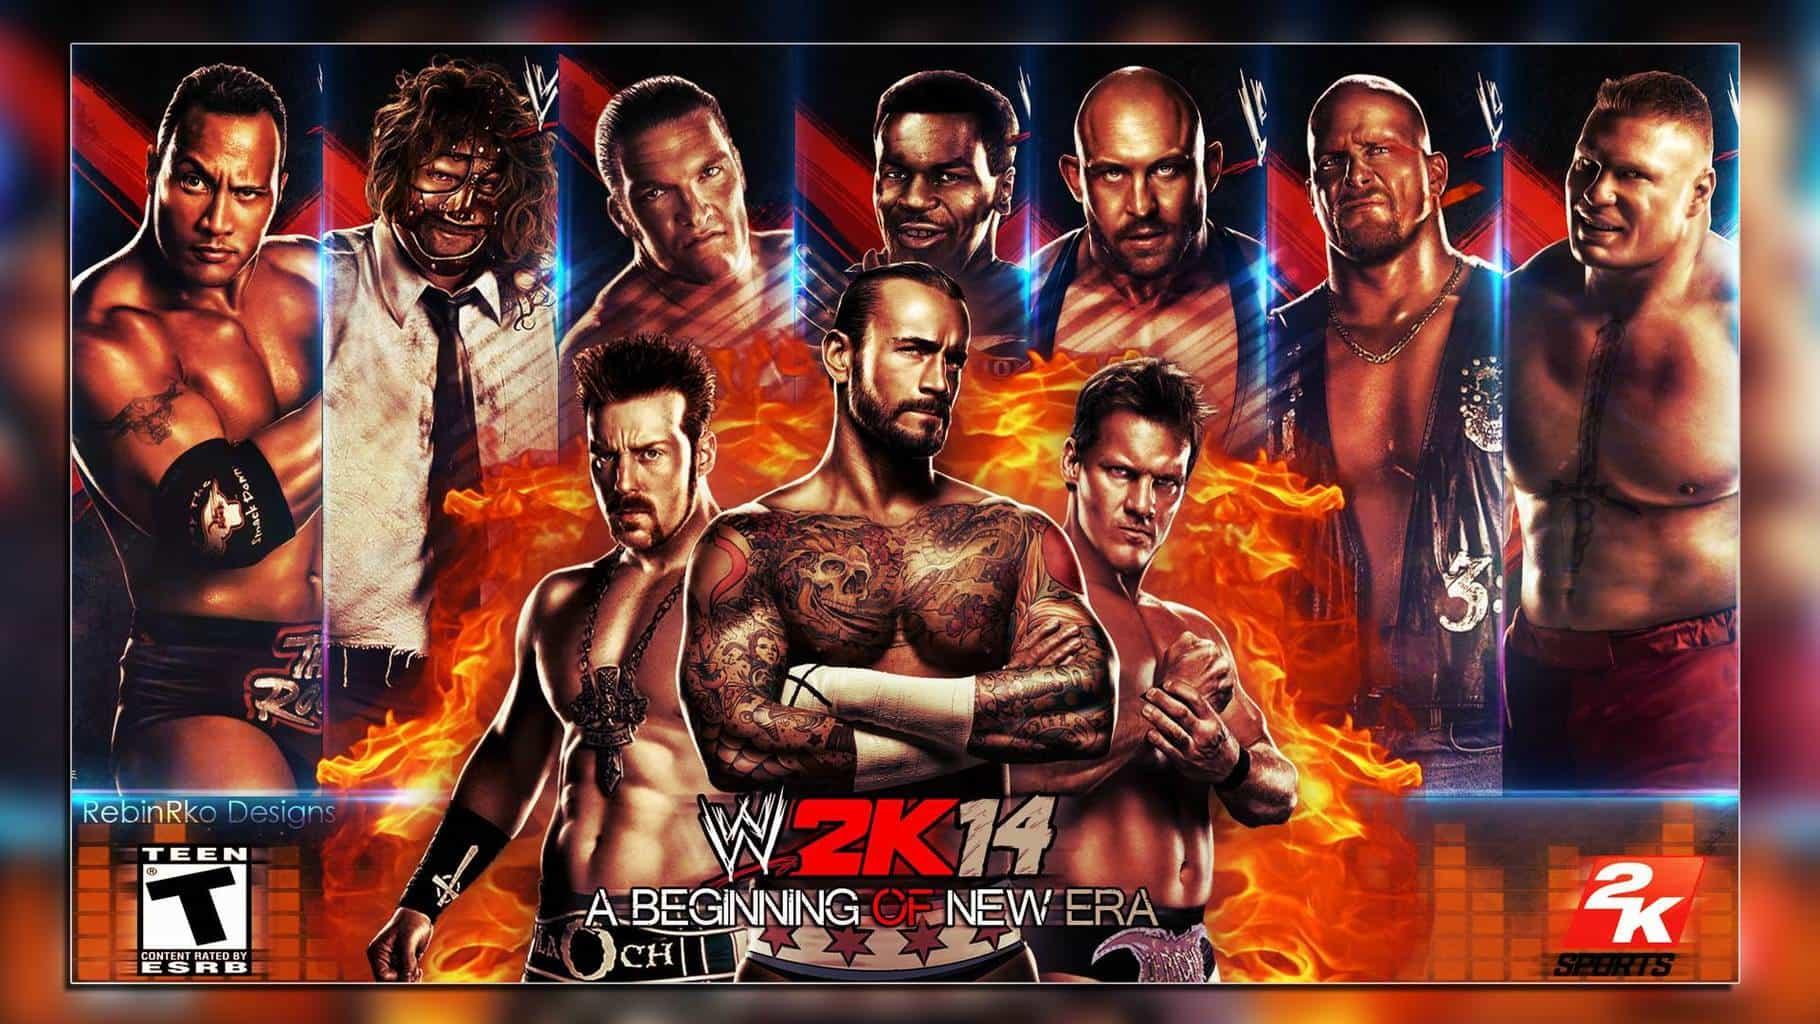 WWE 2k14 - Wallpaper